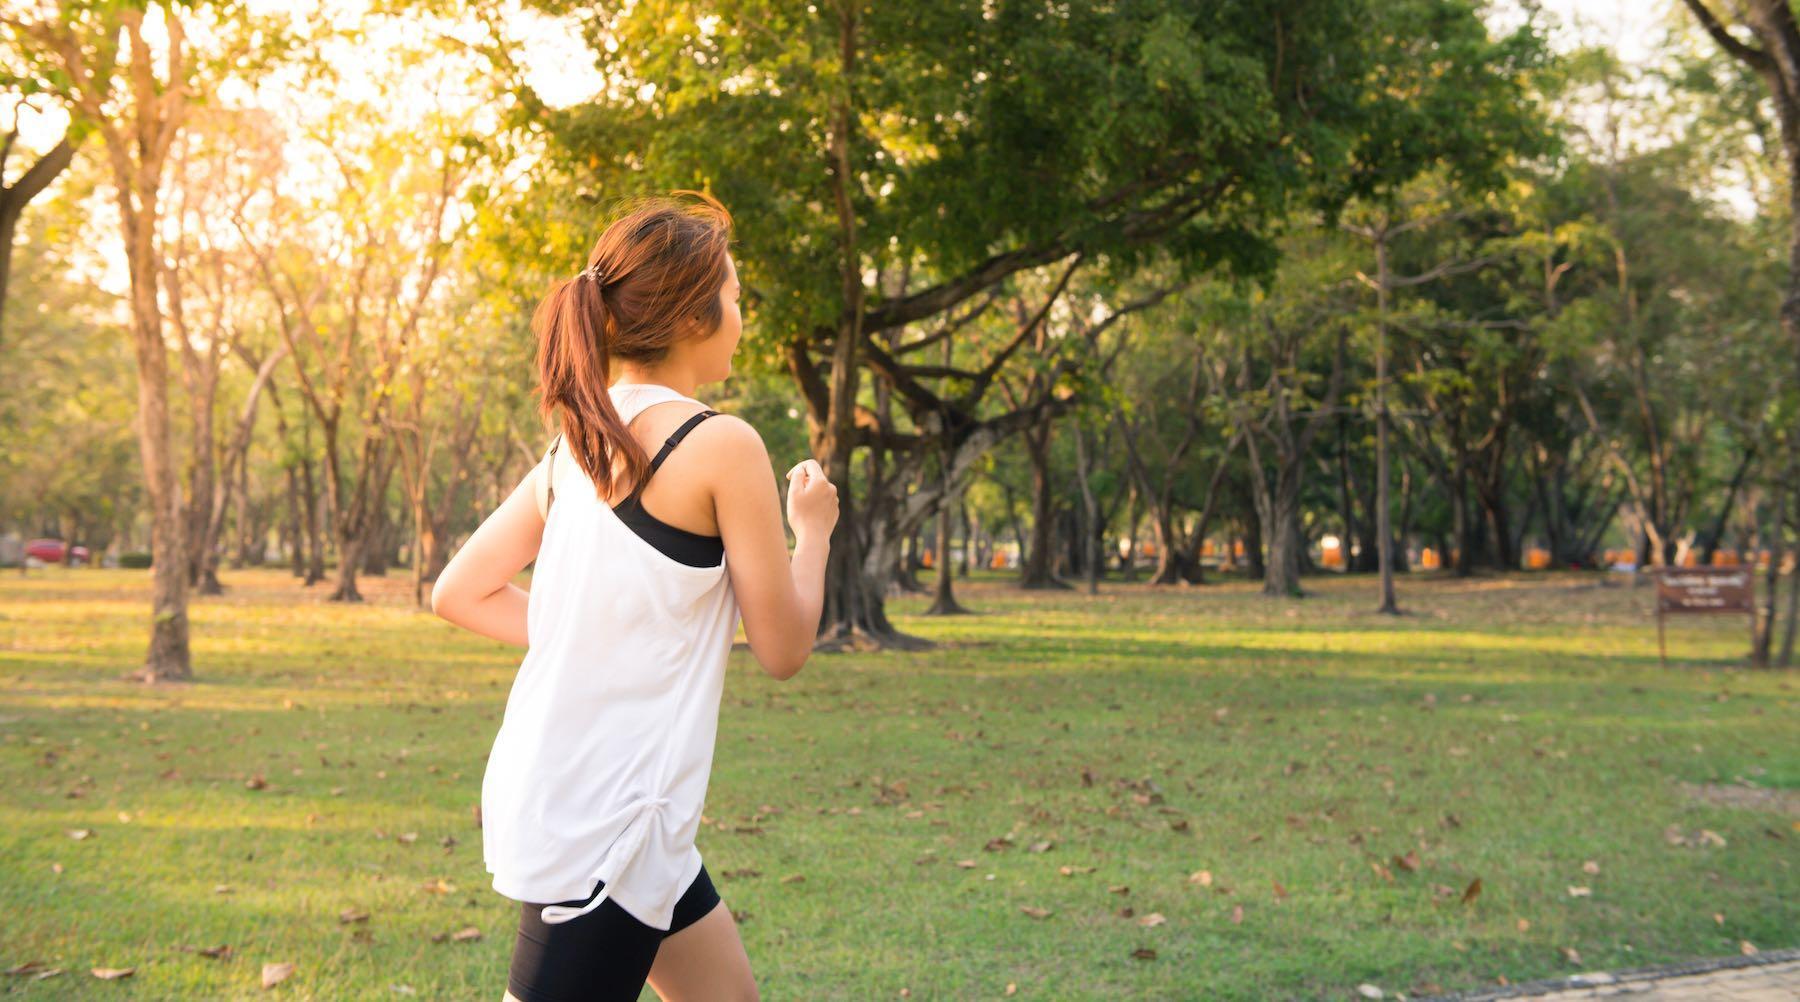 jogger-1518028359514.jpg